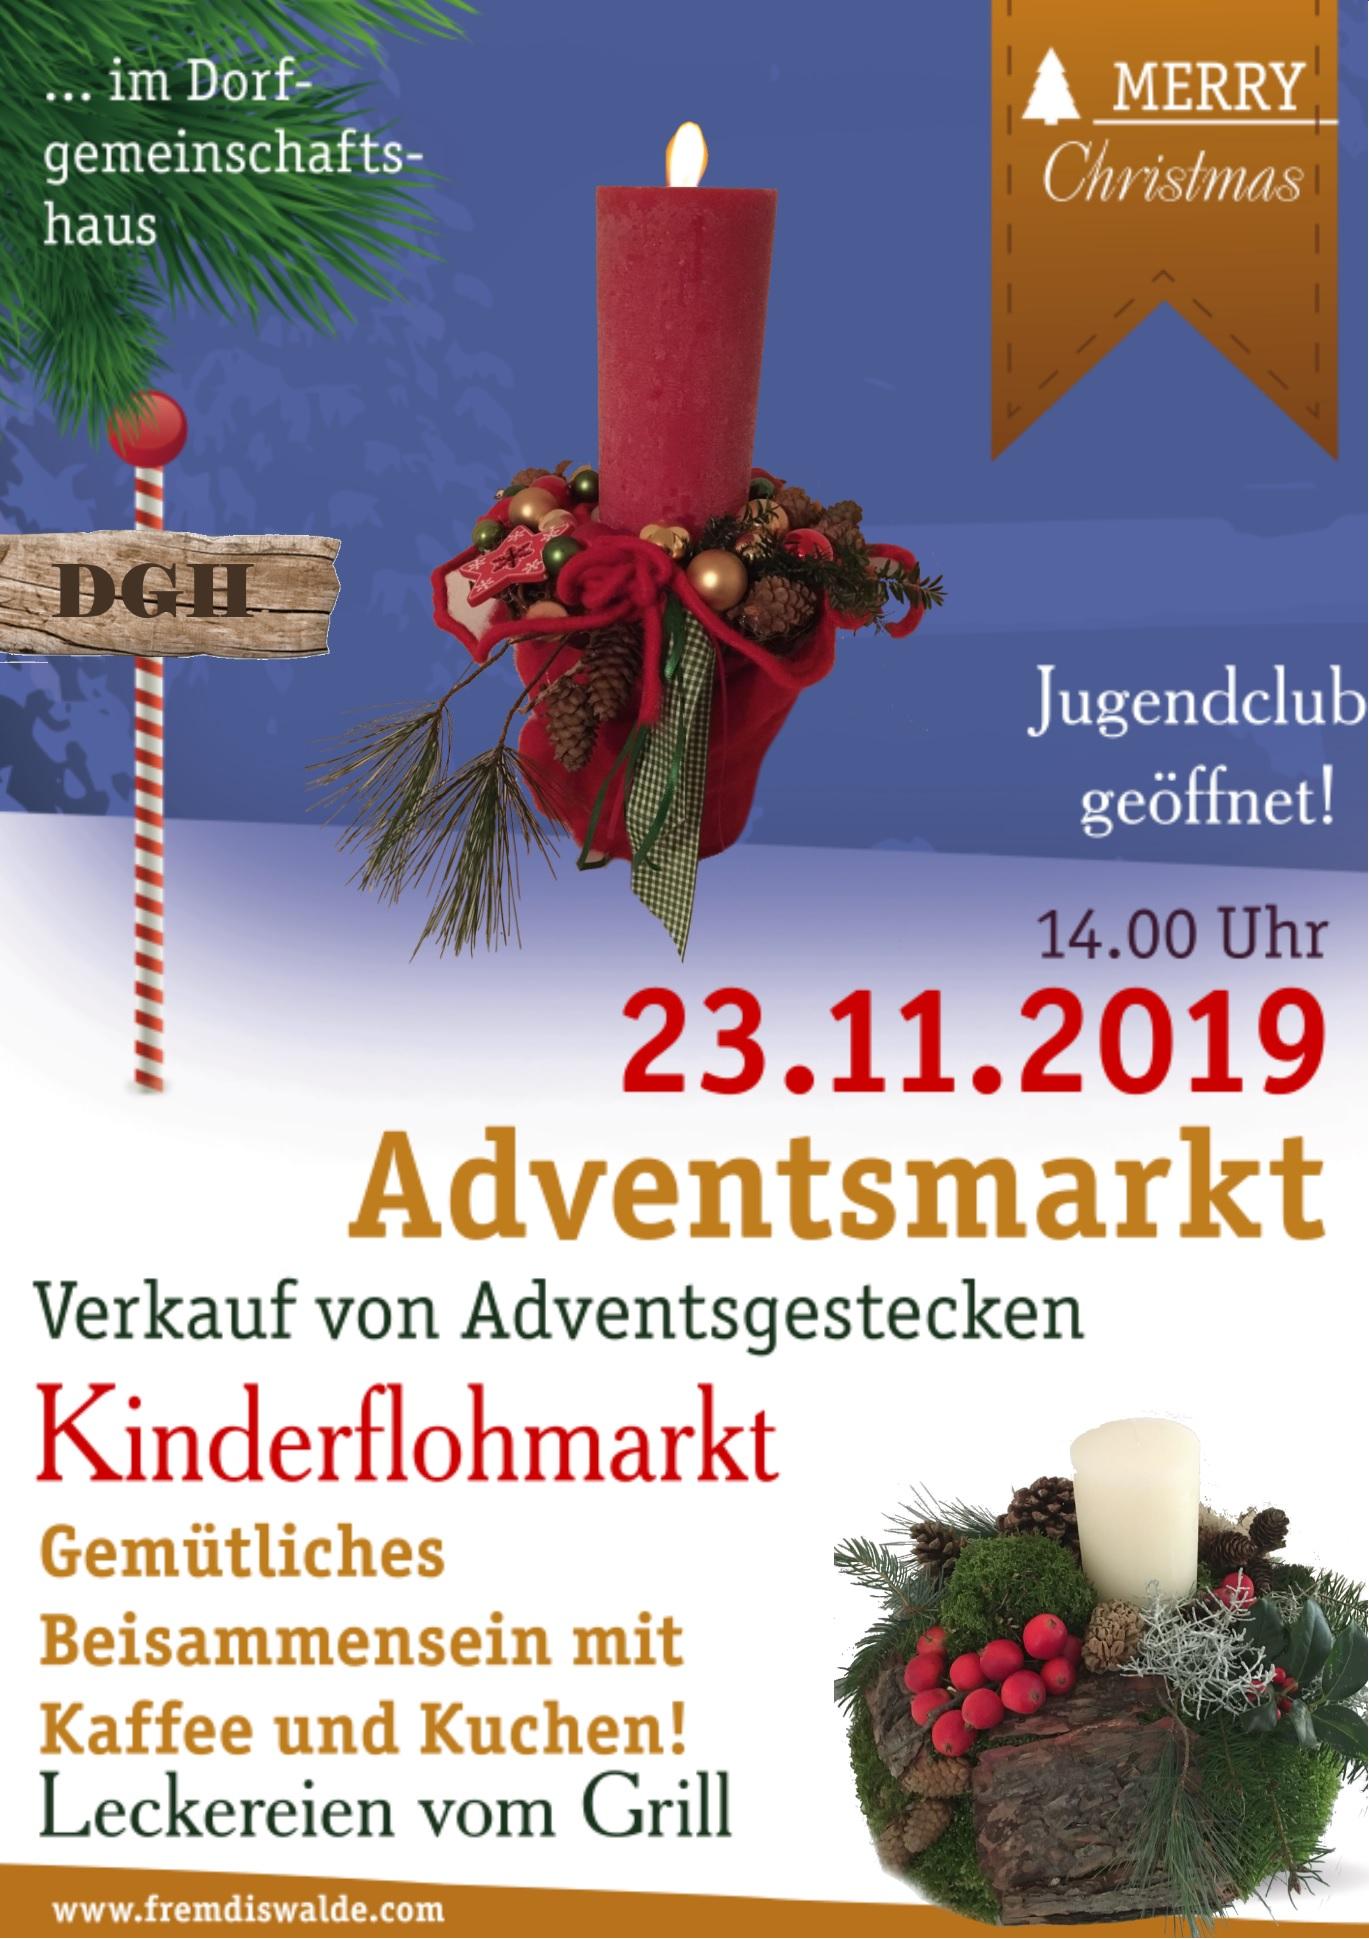 Adventsmarkt im Dorfgemeinschaftshaus